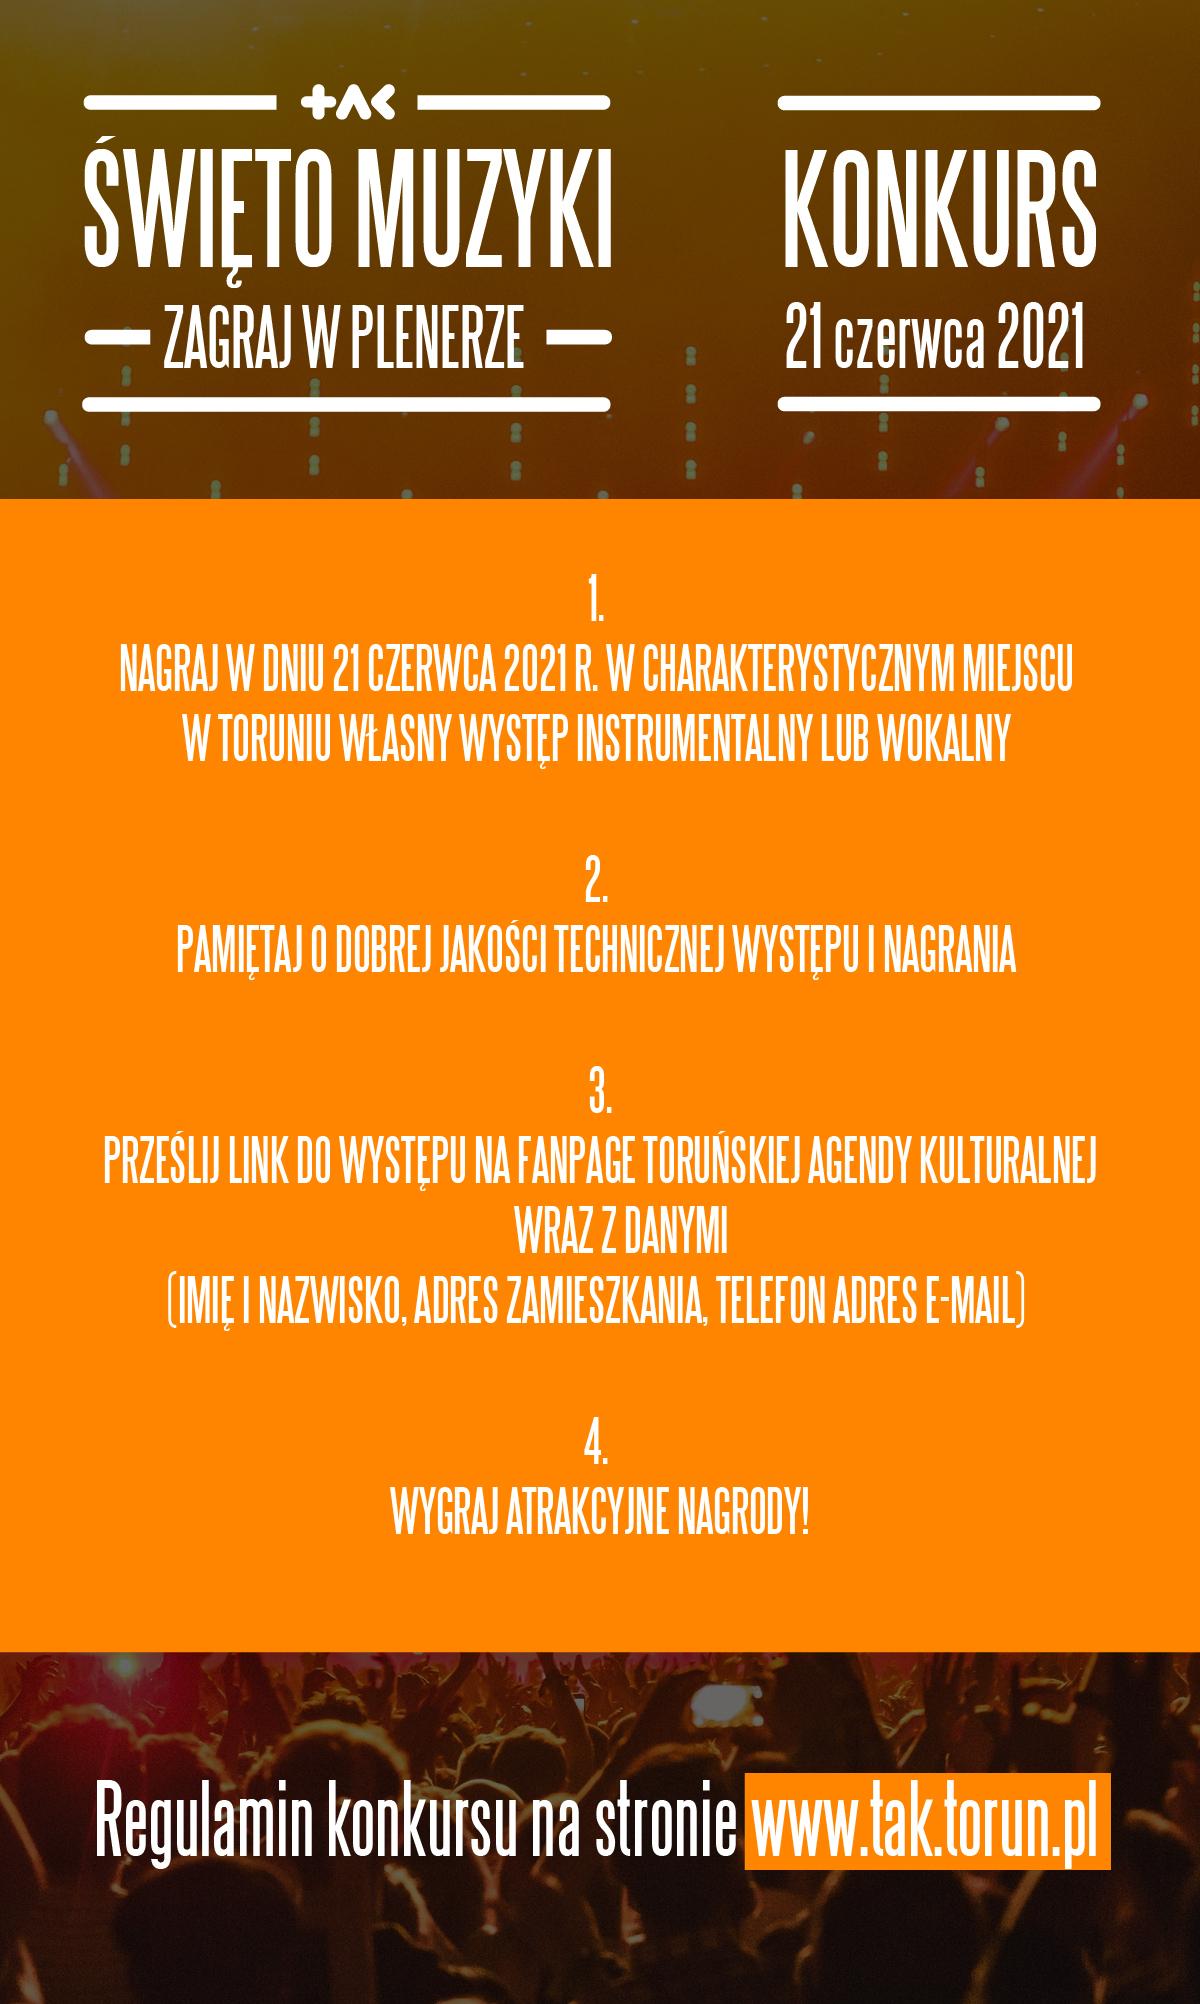 plakat Święta Muzyki - zasady konkursu | 21.06.2021